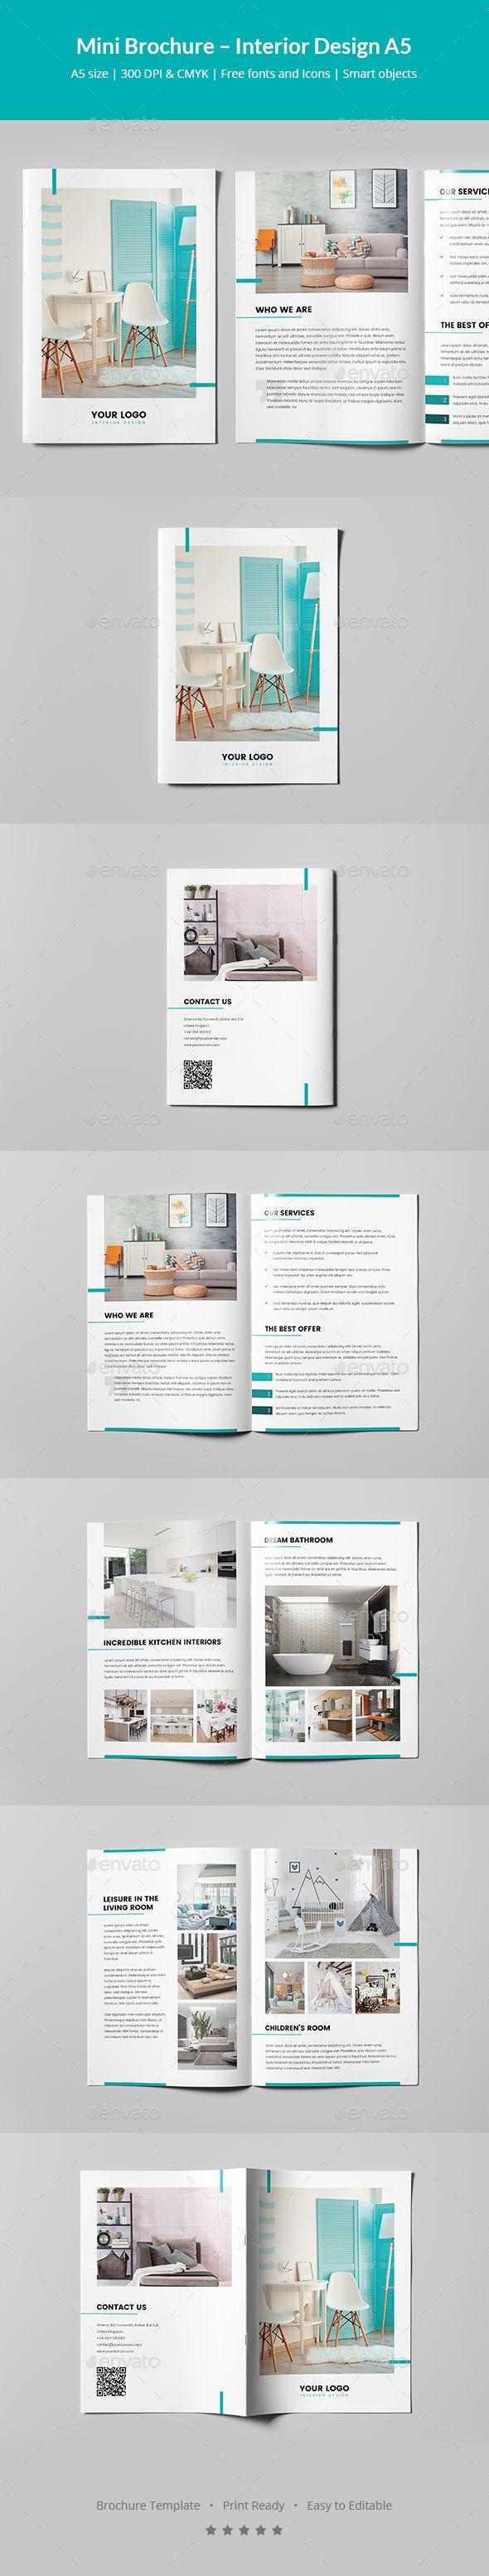 Mini Brochure Interior Design A5 Pinterest Brochures Brochure